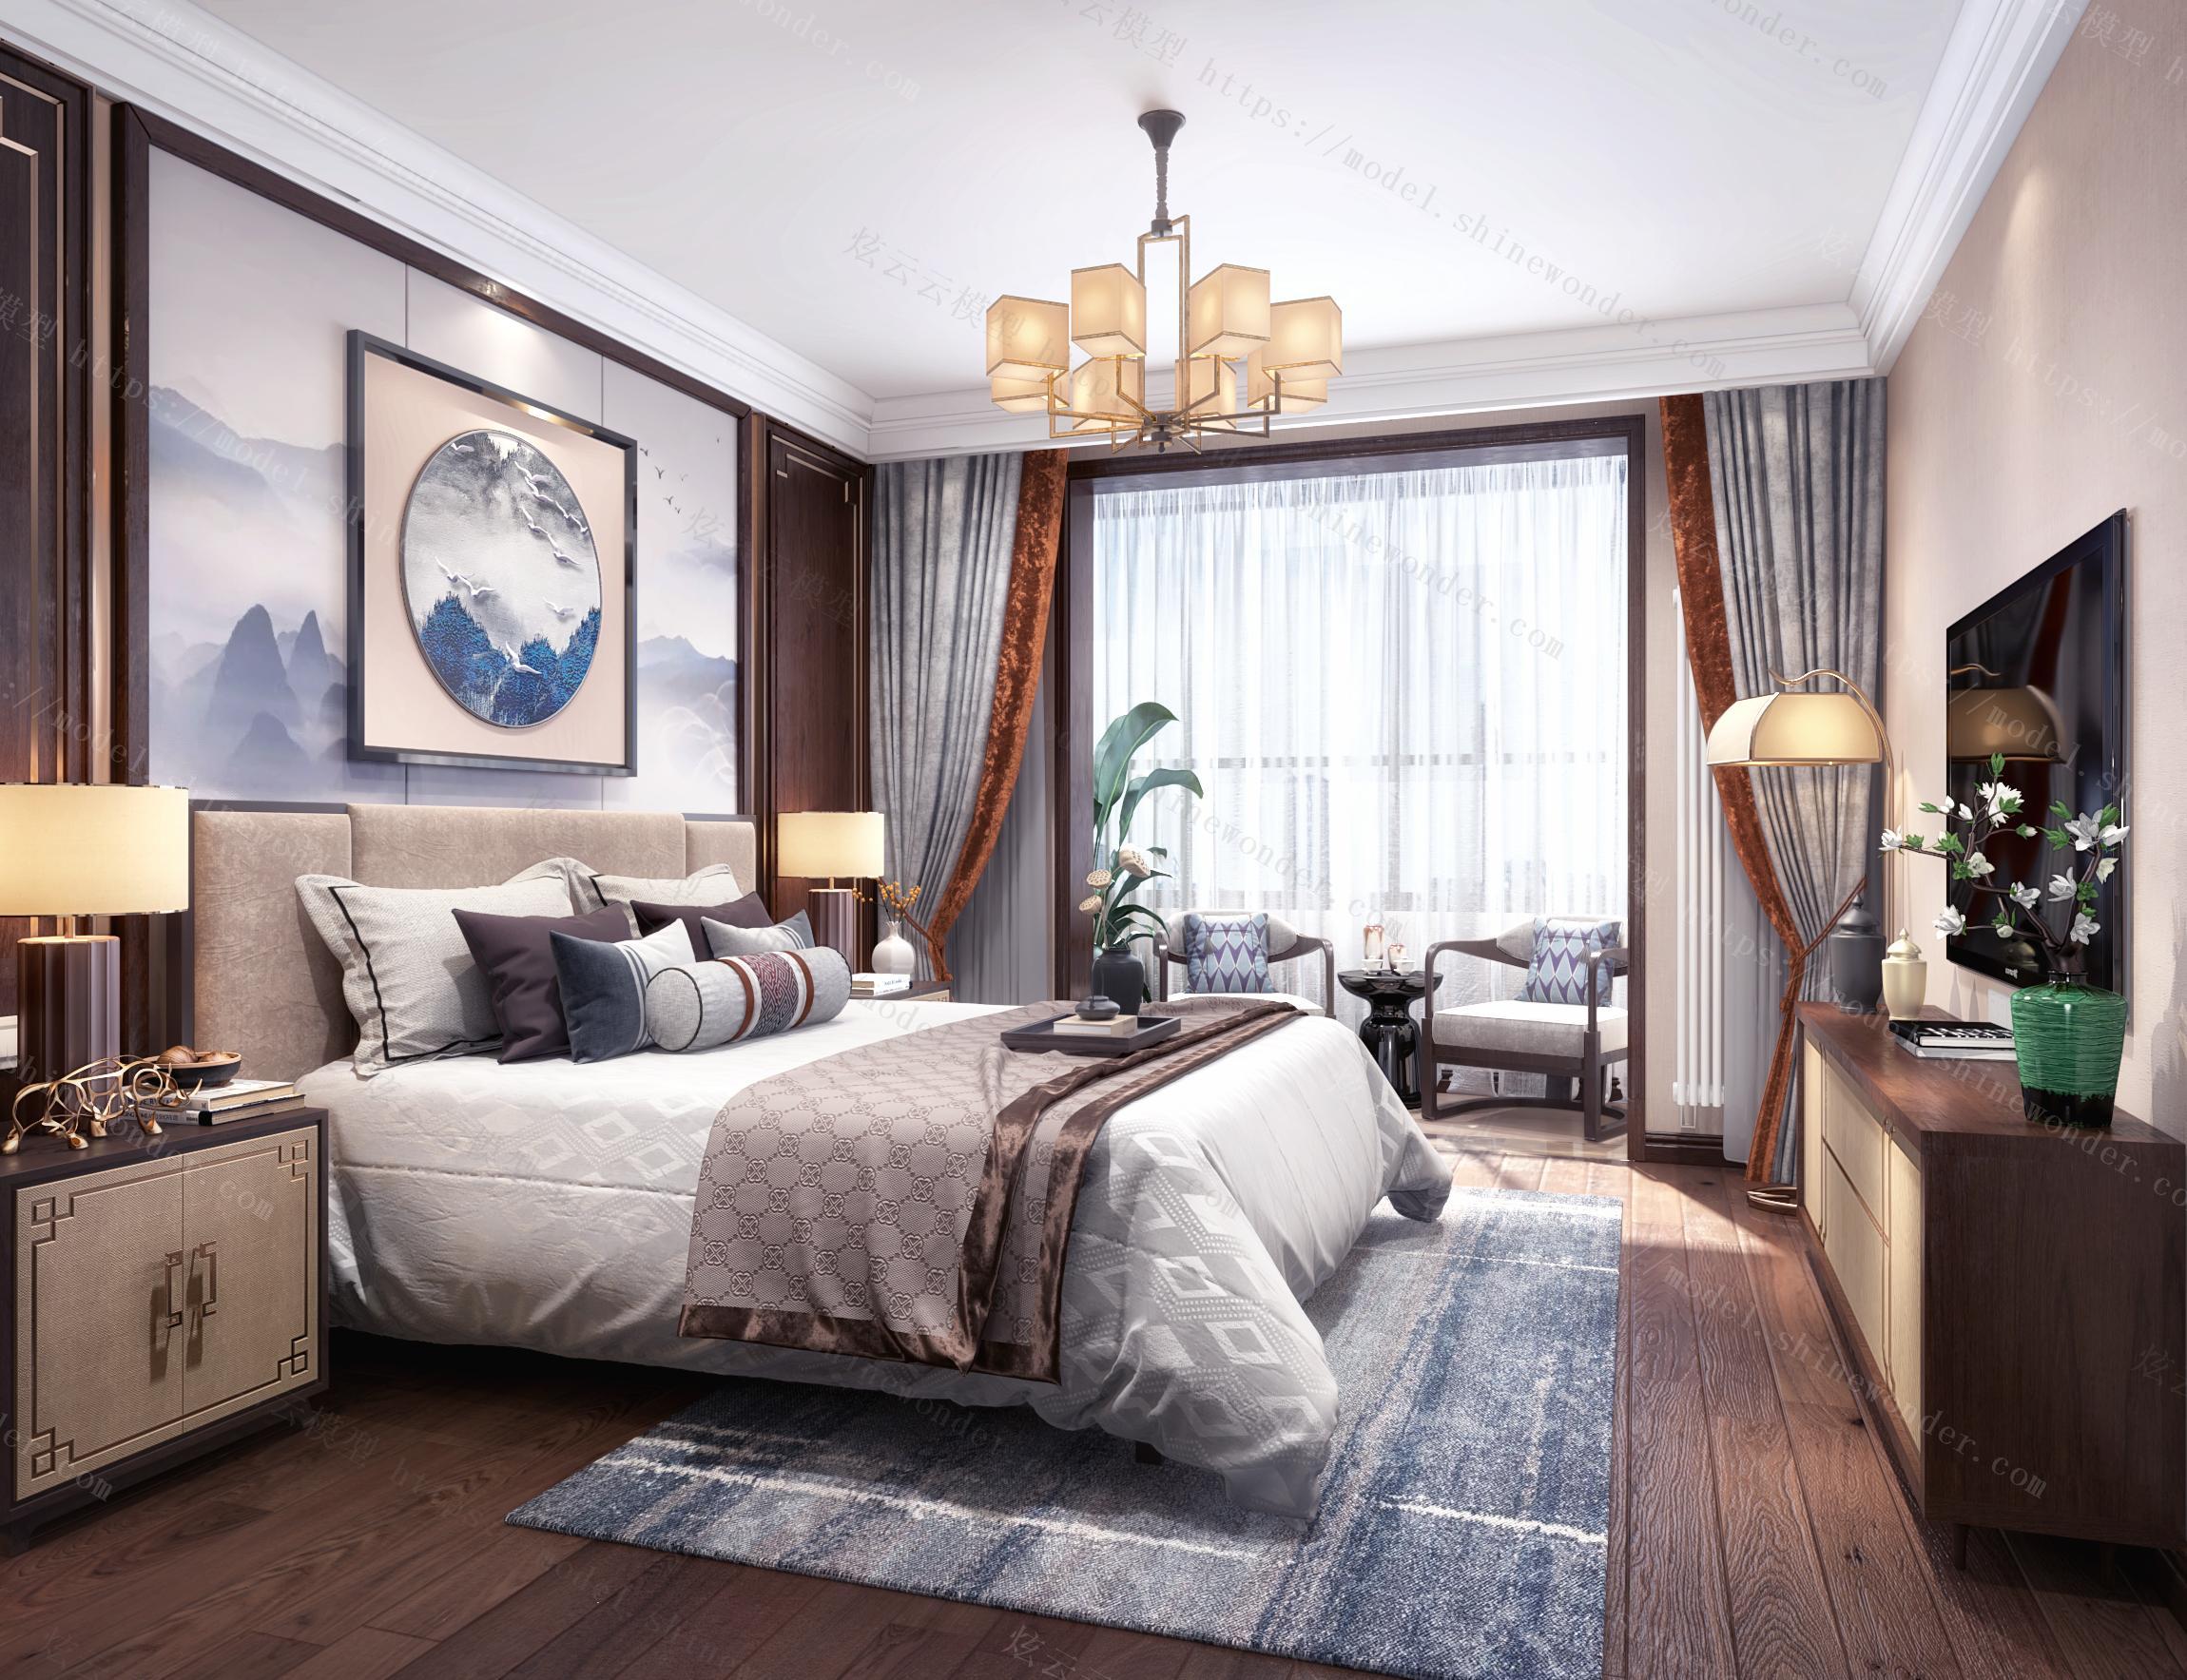 新中式主卧室阳台模型